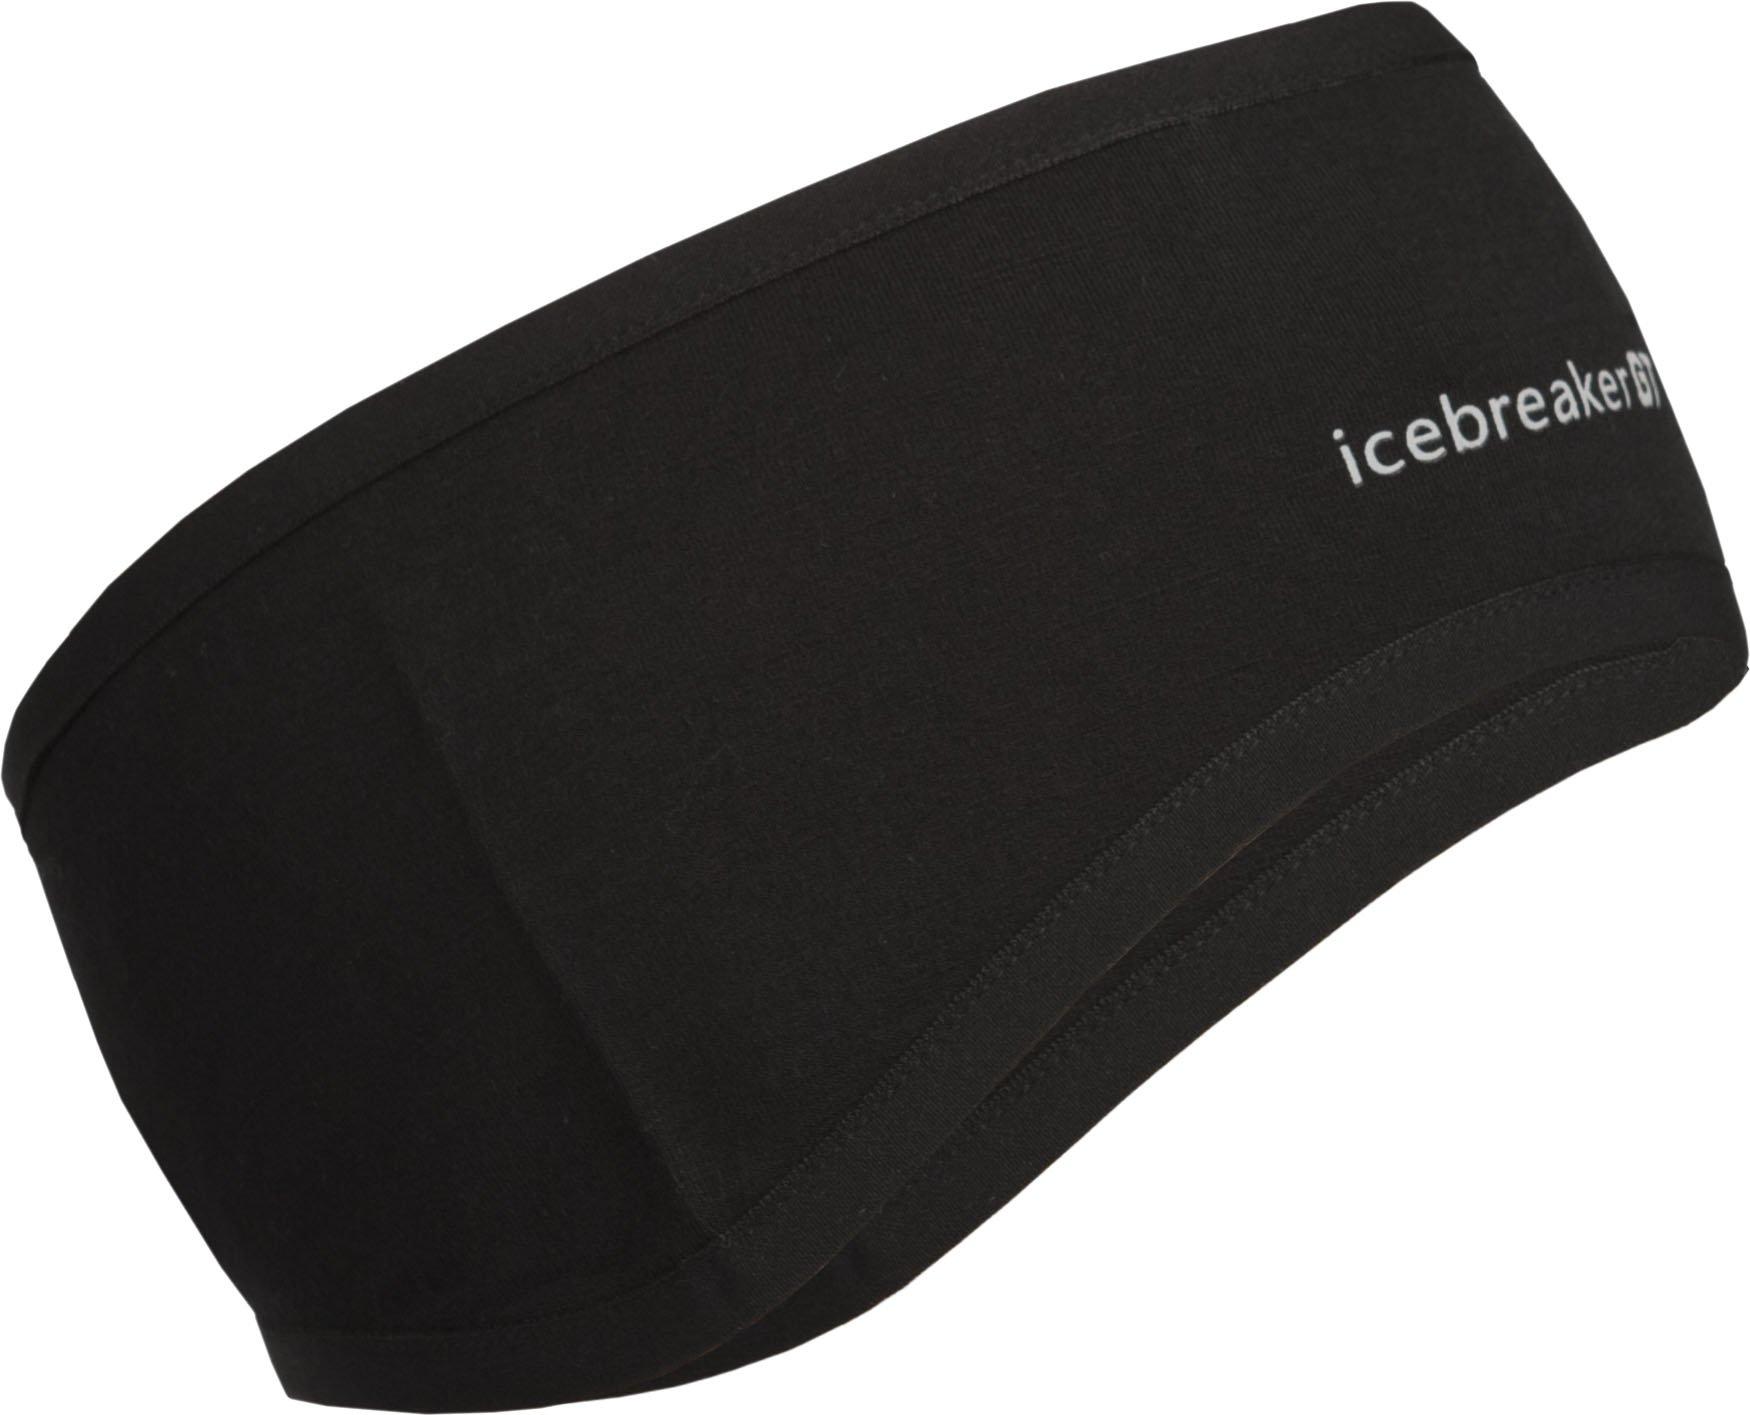 Icebreaker Women's Quantum Headband (Black, Medium)